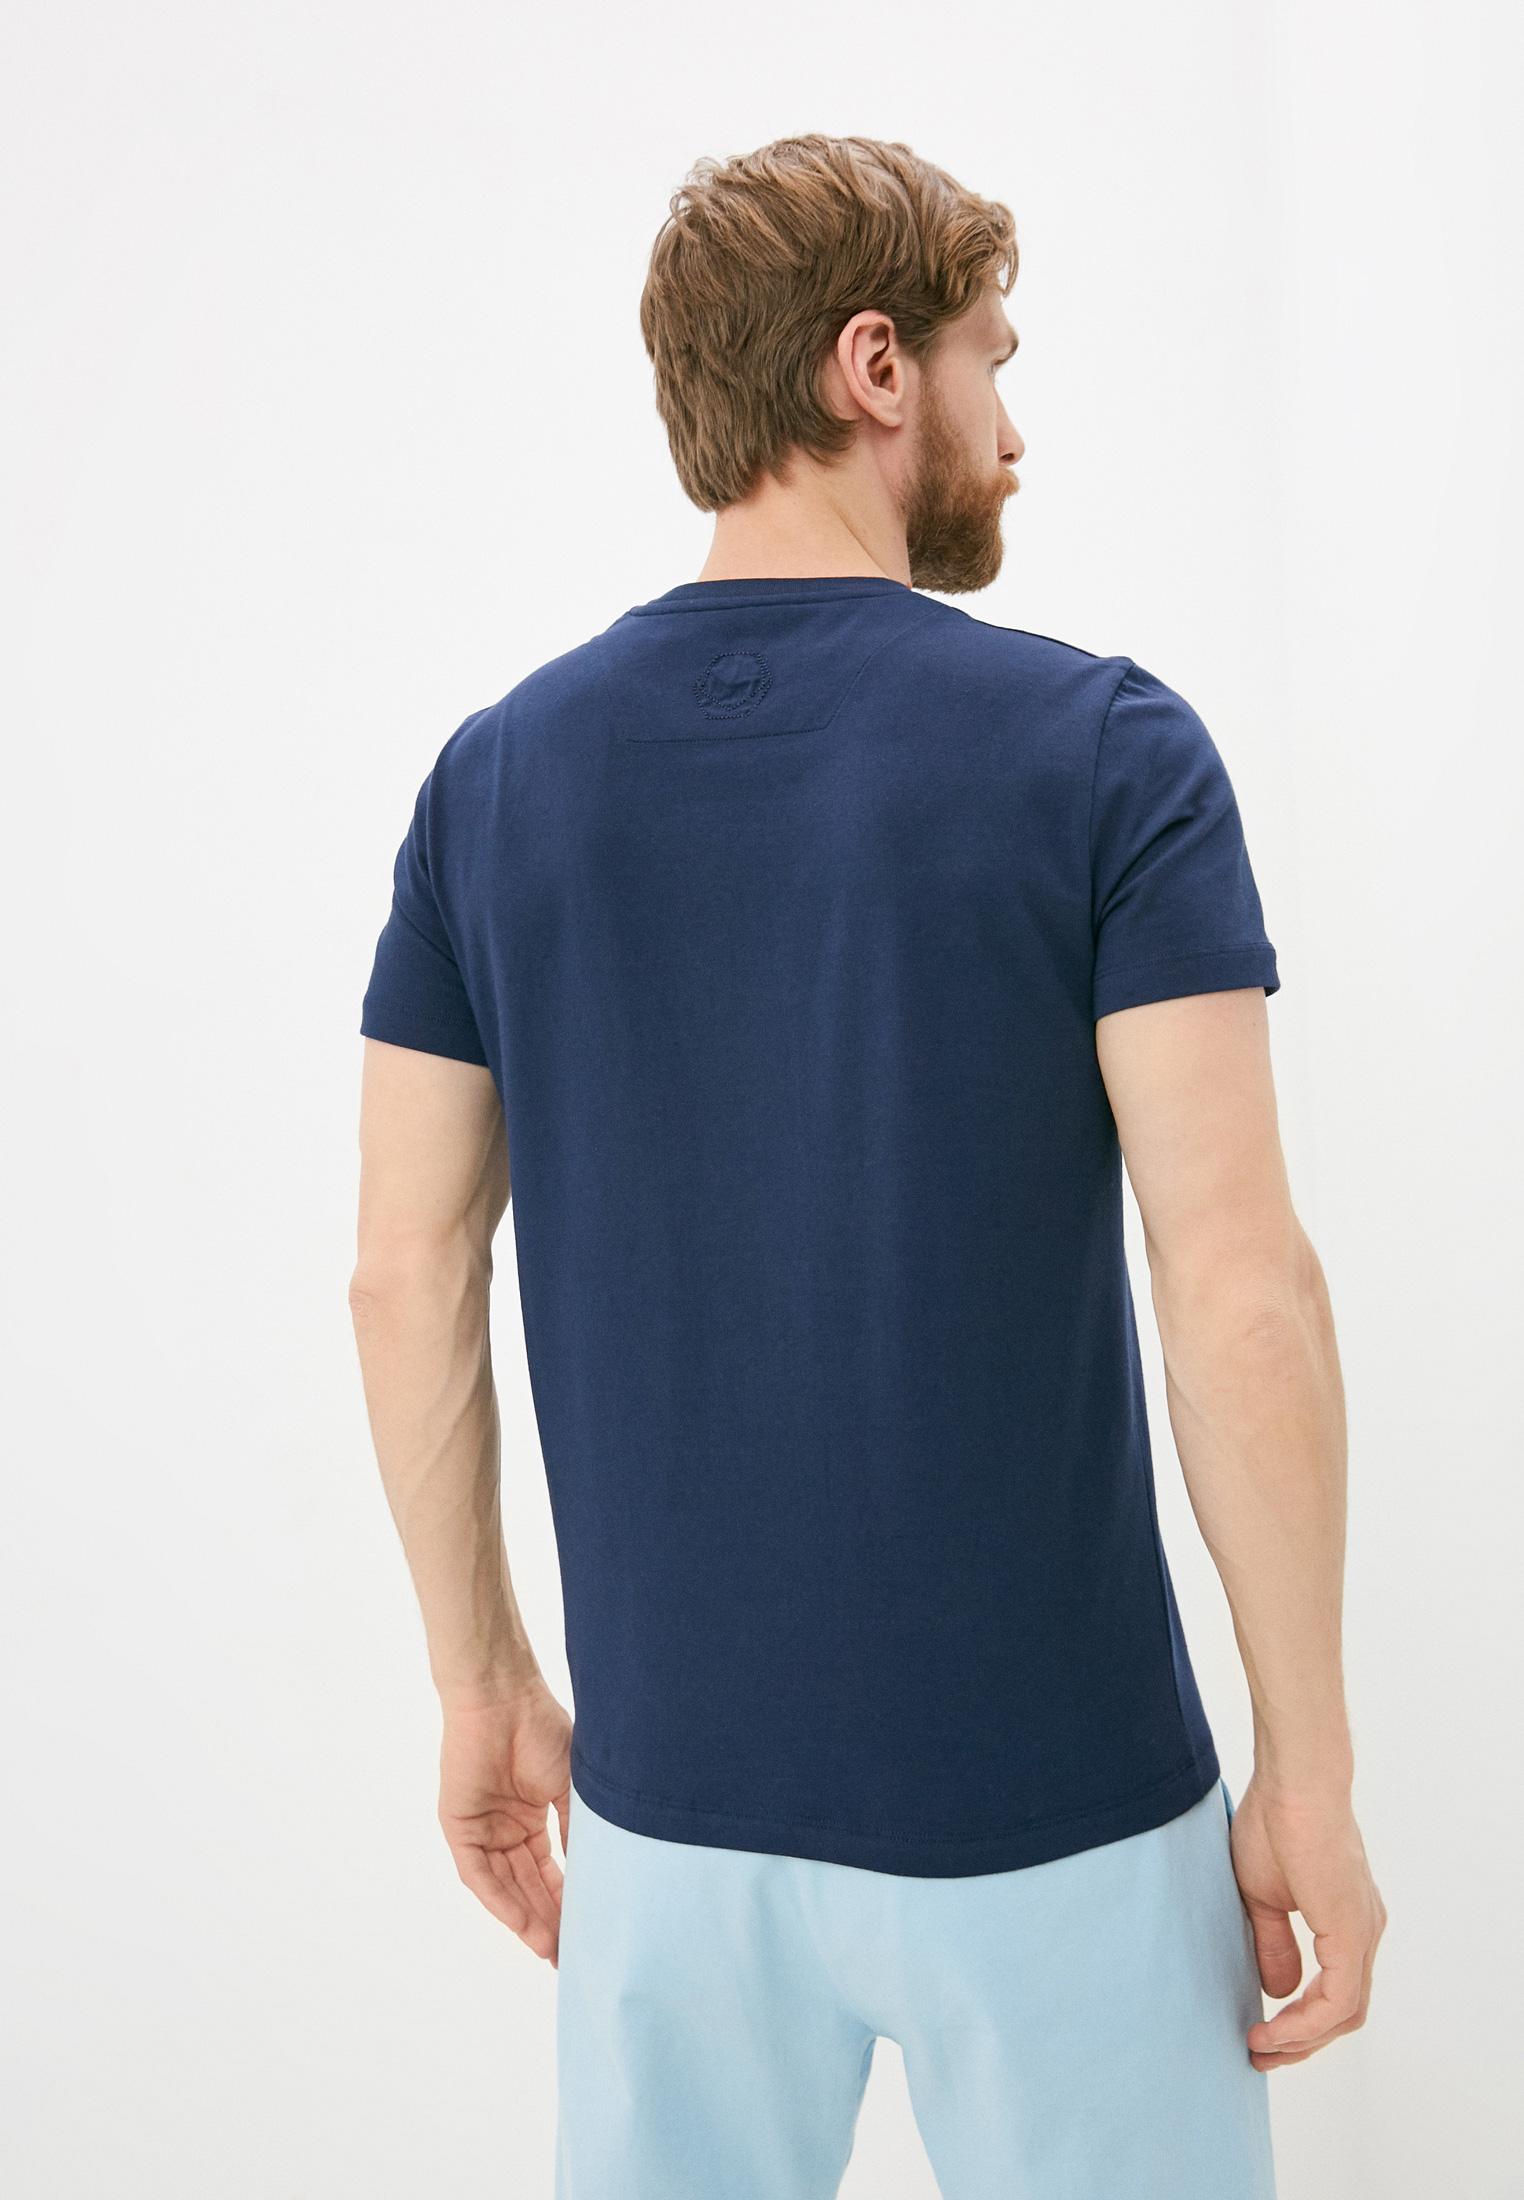 Мужская футболка Bikkembergs (Биккембергс) C 4 101 04 E 2231: изображение 4